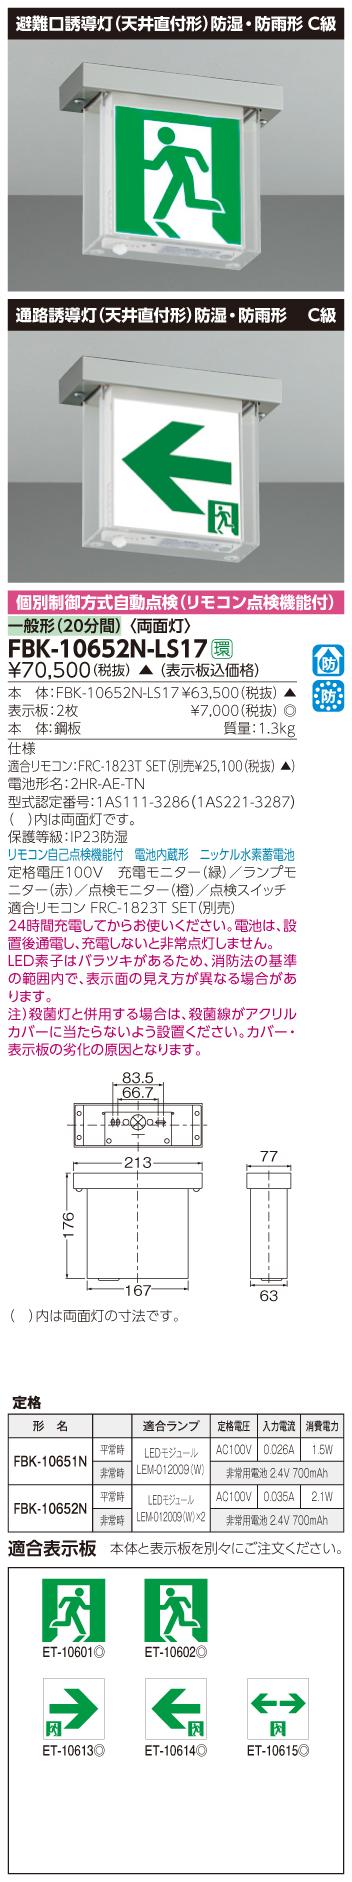 【法人様限定】東芝 FBK-10652N-LS17 LED誘導灯 天井直付形 防湿・防雨形 電池内蔵 両面 C級 一般形(20分) 【表示板別売】